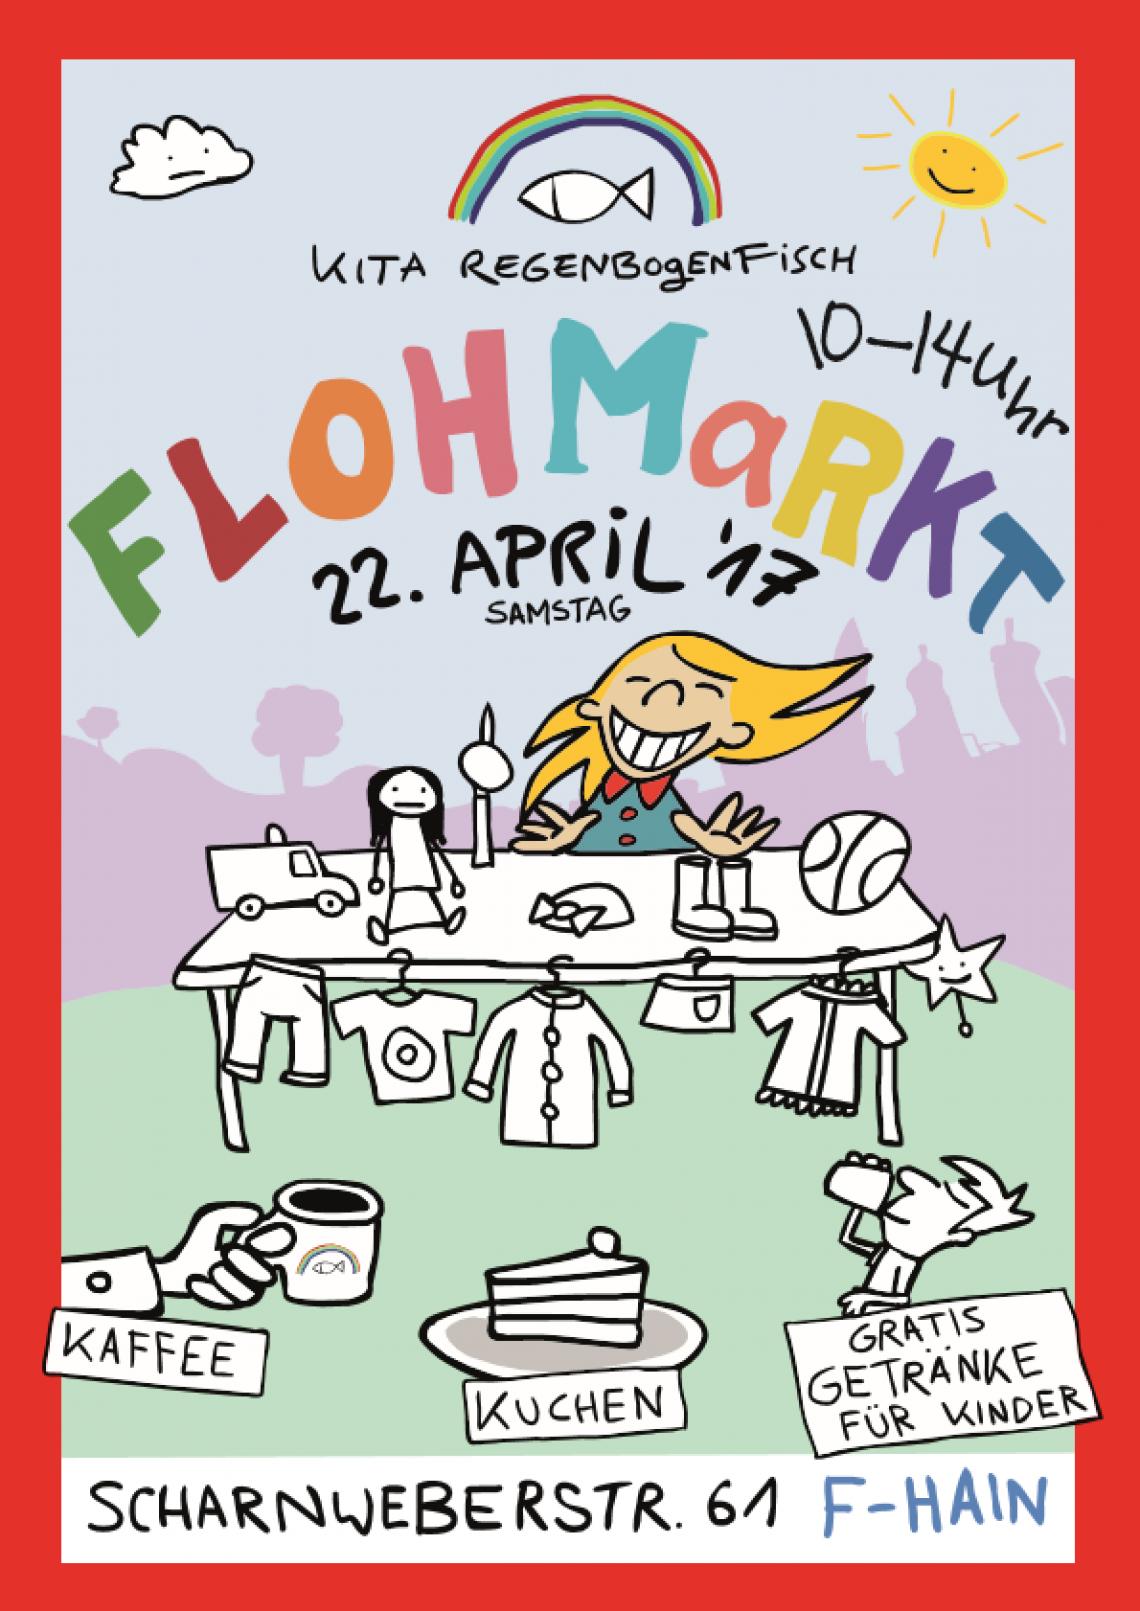 Flohmarkt Kita Regenbogenfisch in Berlin Friedrichshain